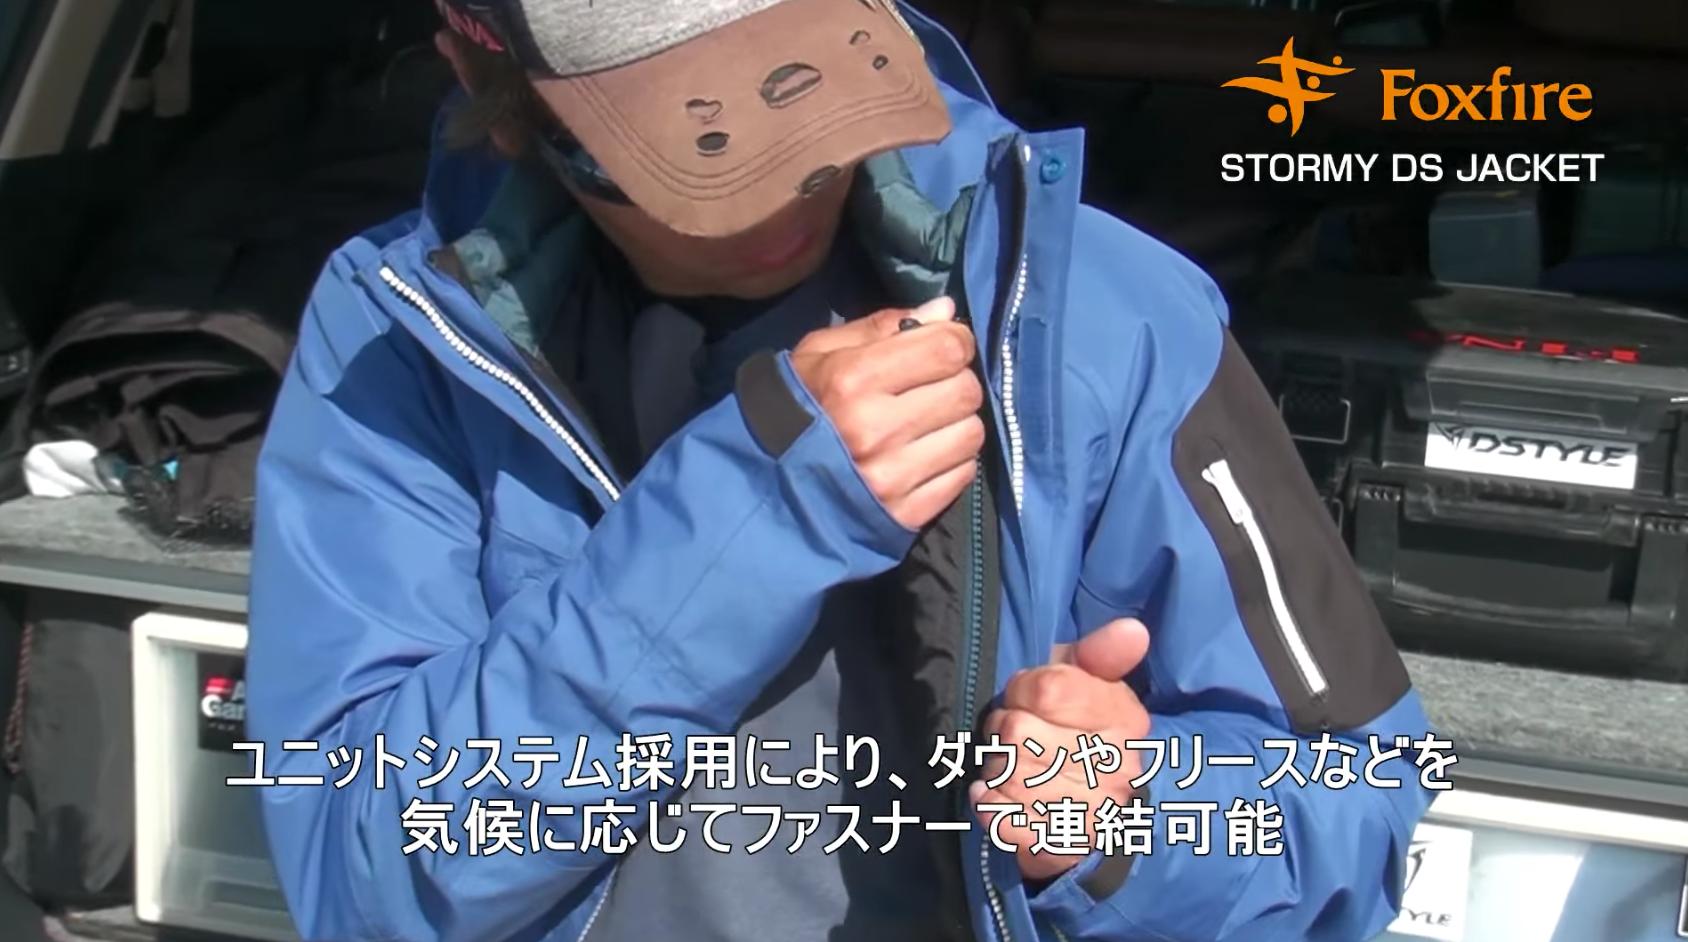 「ストーミーDSジャケット&パンツ」の特徴:Foxfire(フォックスファイヤー)